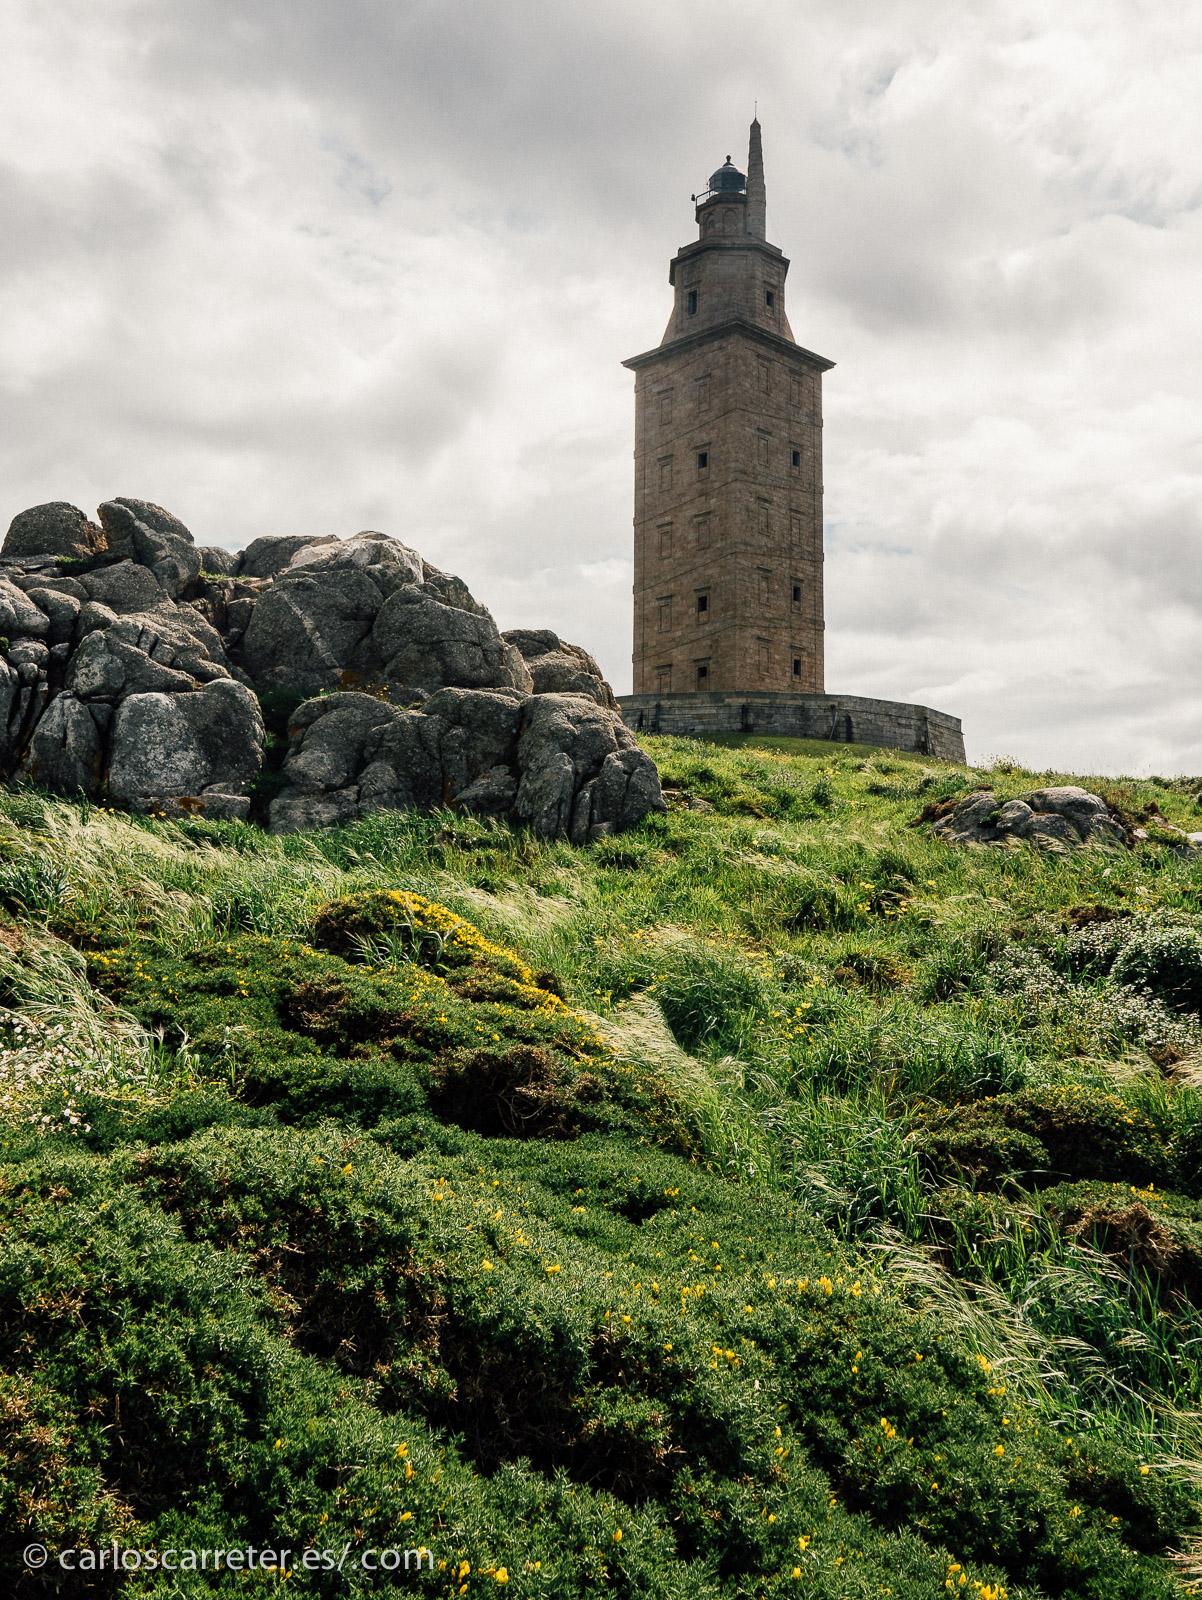 Quizá por el paisaje, quizá por el sol, quizá por el monumento en sí mismo, lo que más disfruté en mi viaje a Galicia fue el paseo en torno a la Torre de Hércules.